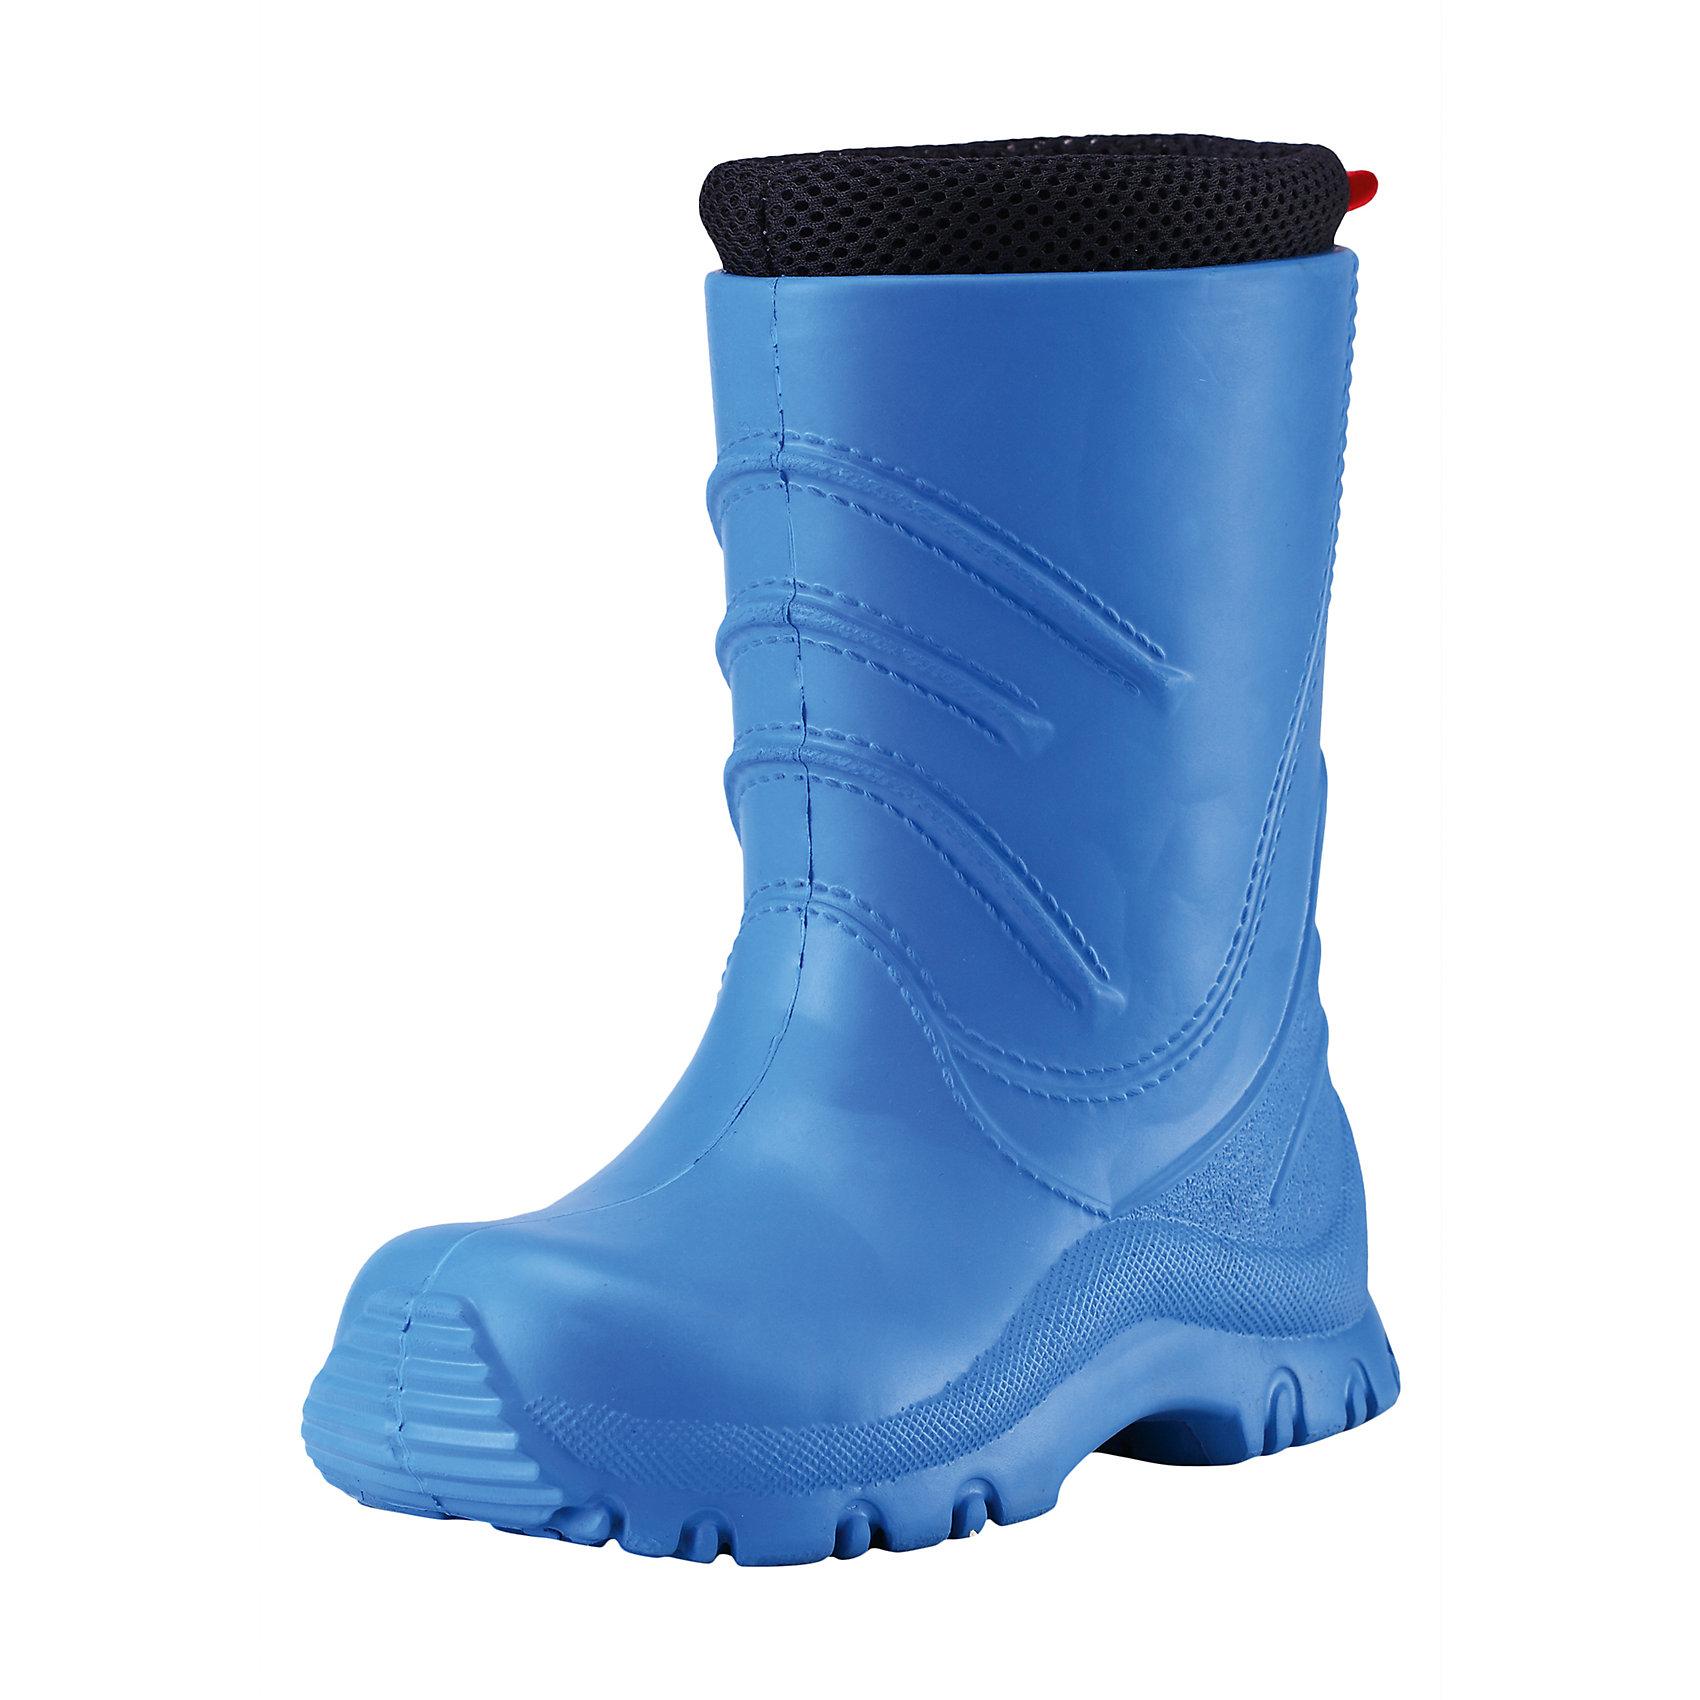 Сапоги ReimaСапоги  от финского бренда Reima<br>Веллингтоны для детей и малышей. Водонепроницаемая демисезонная обувь. Эластичная и легкая подошва из ЭВА. Текстильная подкладка. Съемный носок. Легко надеваются на ноги. Без ПХВ.<br>Состав:<br>Подошва: EVA, Верх: EVA<br><br>Уход:<br>Храните обувь в вертикальном положении при комнатной температуре. Сушить обувь всегда следует при комнатной температуре: вынув съемные стельки. Стельки следует время от времени заменять на новые. Налипшую грязь можно счищать щеткой или влажной тряпкой. Перед использованием обувь рекомендуется обрабатывать специальными защитными средствами.<br><br>Ширина мм: 237<br>Глубина мм: 180<br>Высота мм: 152<br>Вес г: 438<br>Цвет: синий<br>Возраст от месяцев: 120<br>Возраст до месяцев: 132<br>Пол: Мужской<br>Возраст: Детский<br>Размер: 34,24,22,26,28,32,30<br>SKU: 5266774